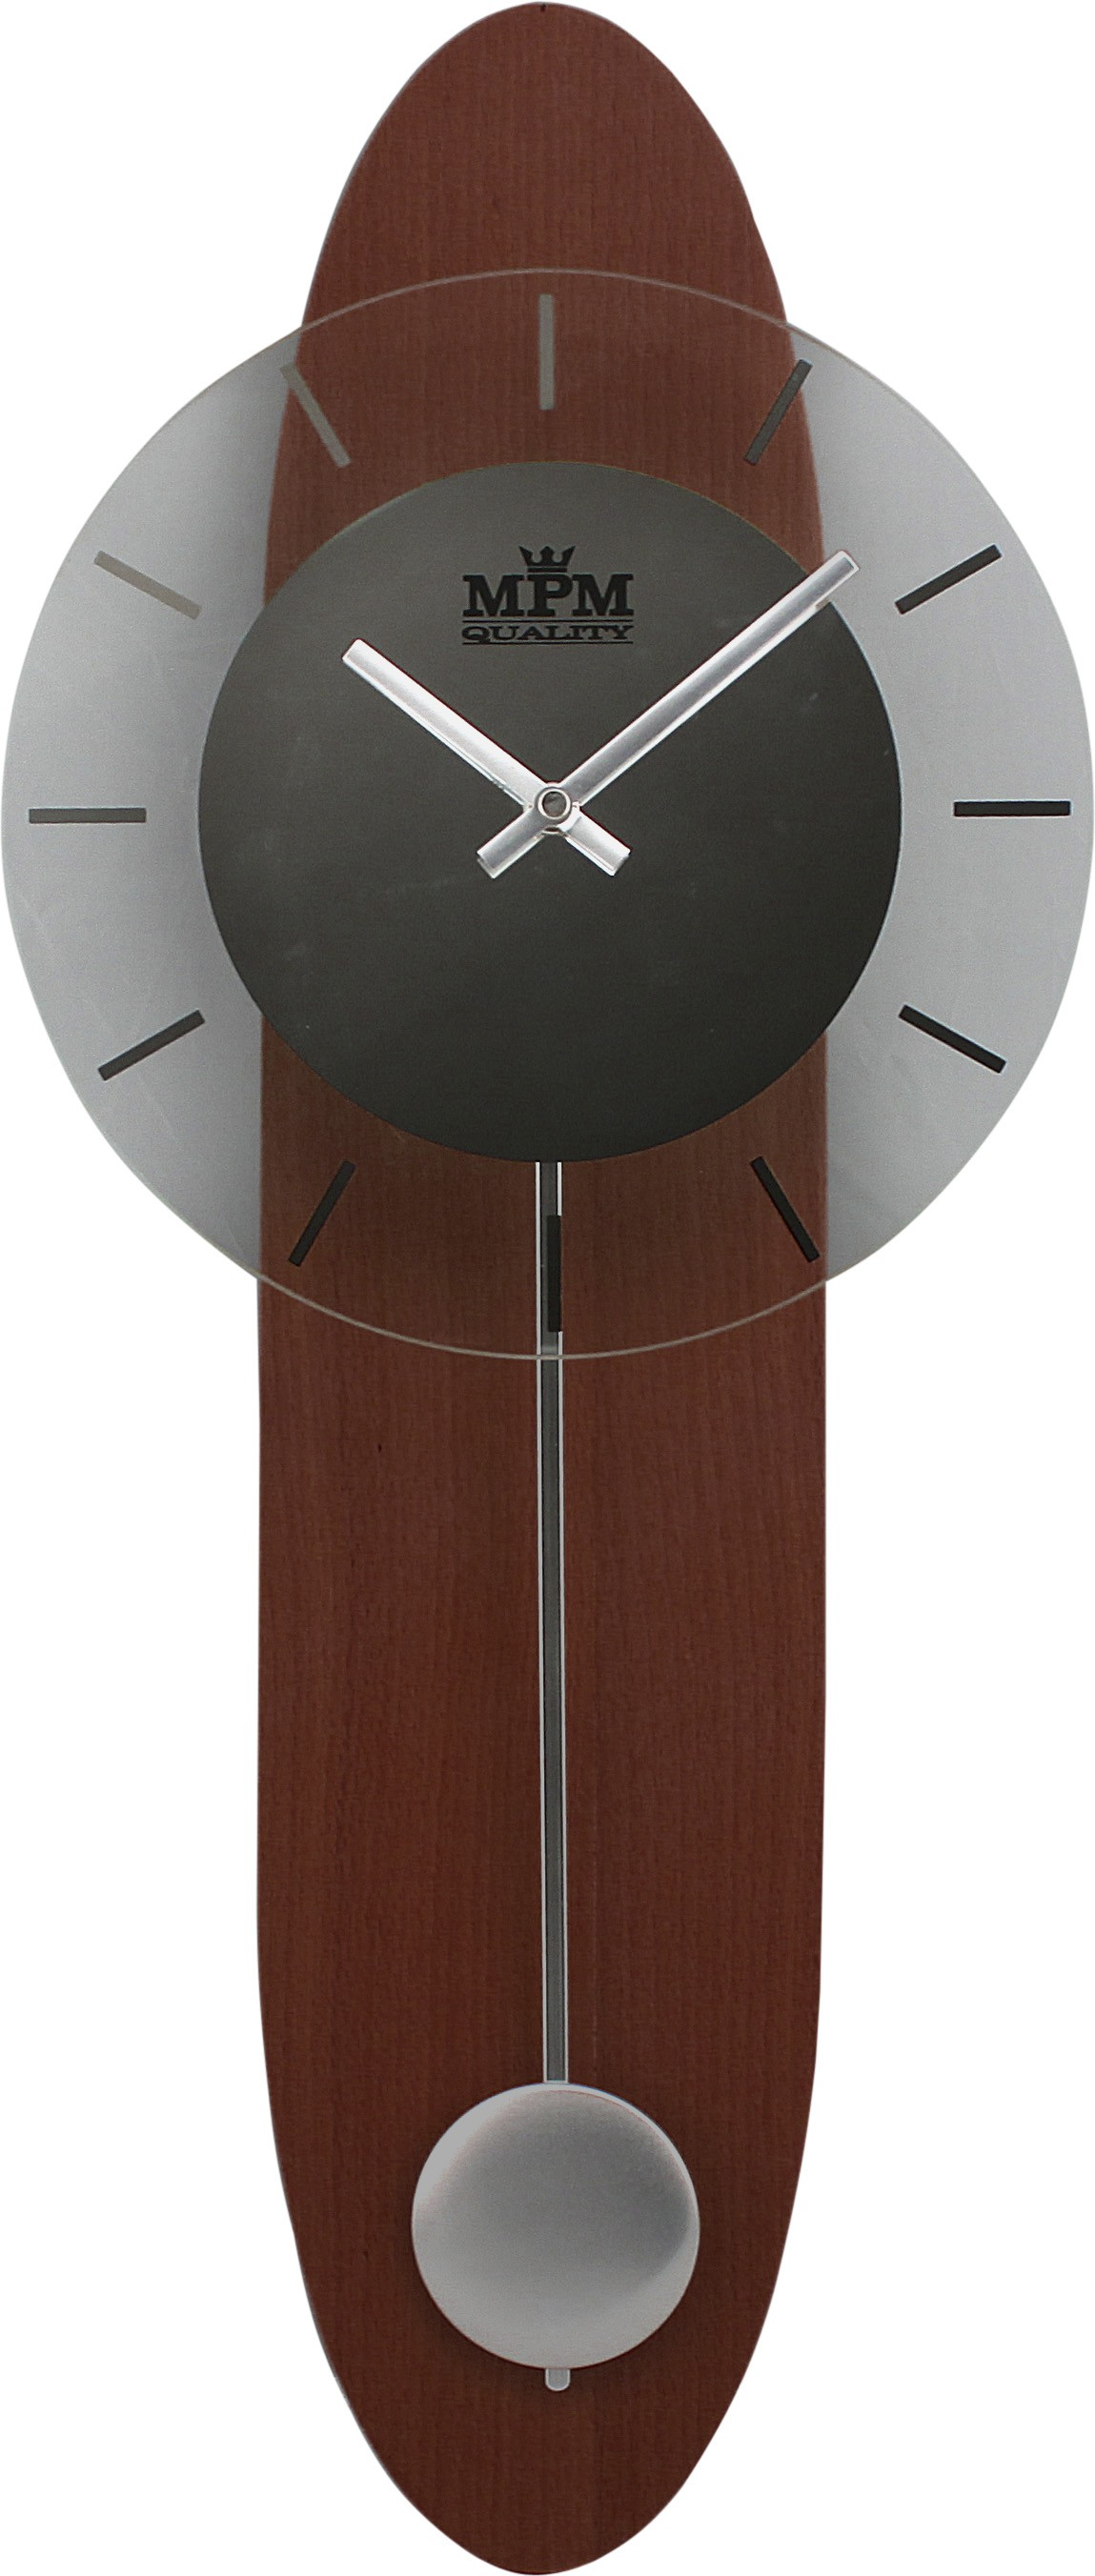 MPM Dřevěné kyvadlové nástěnné hodiny MPM E05.2694